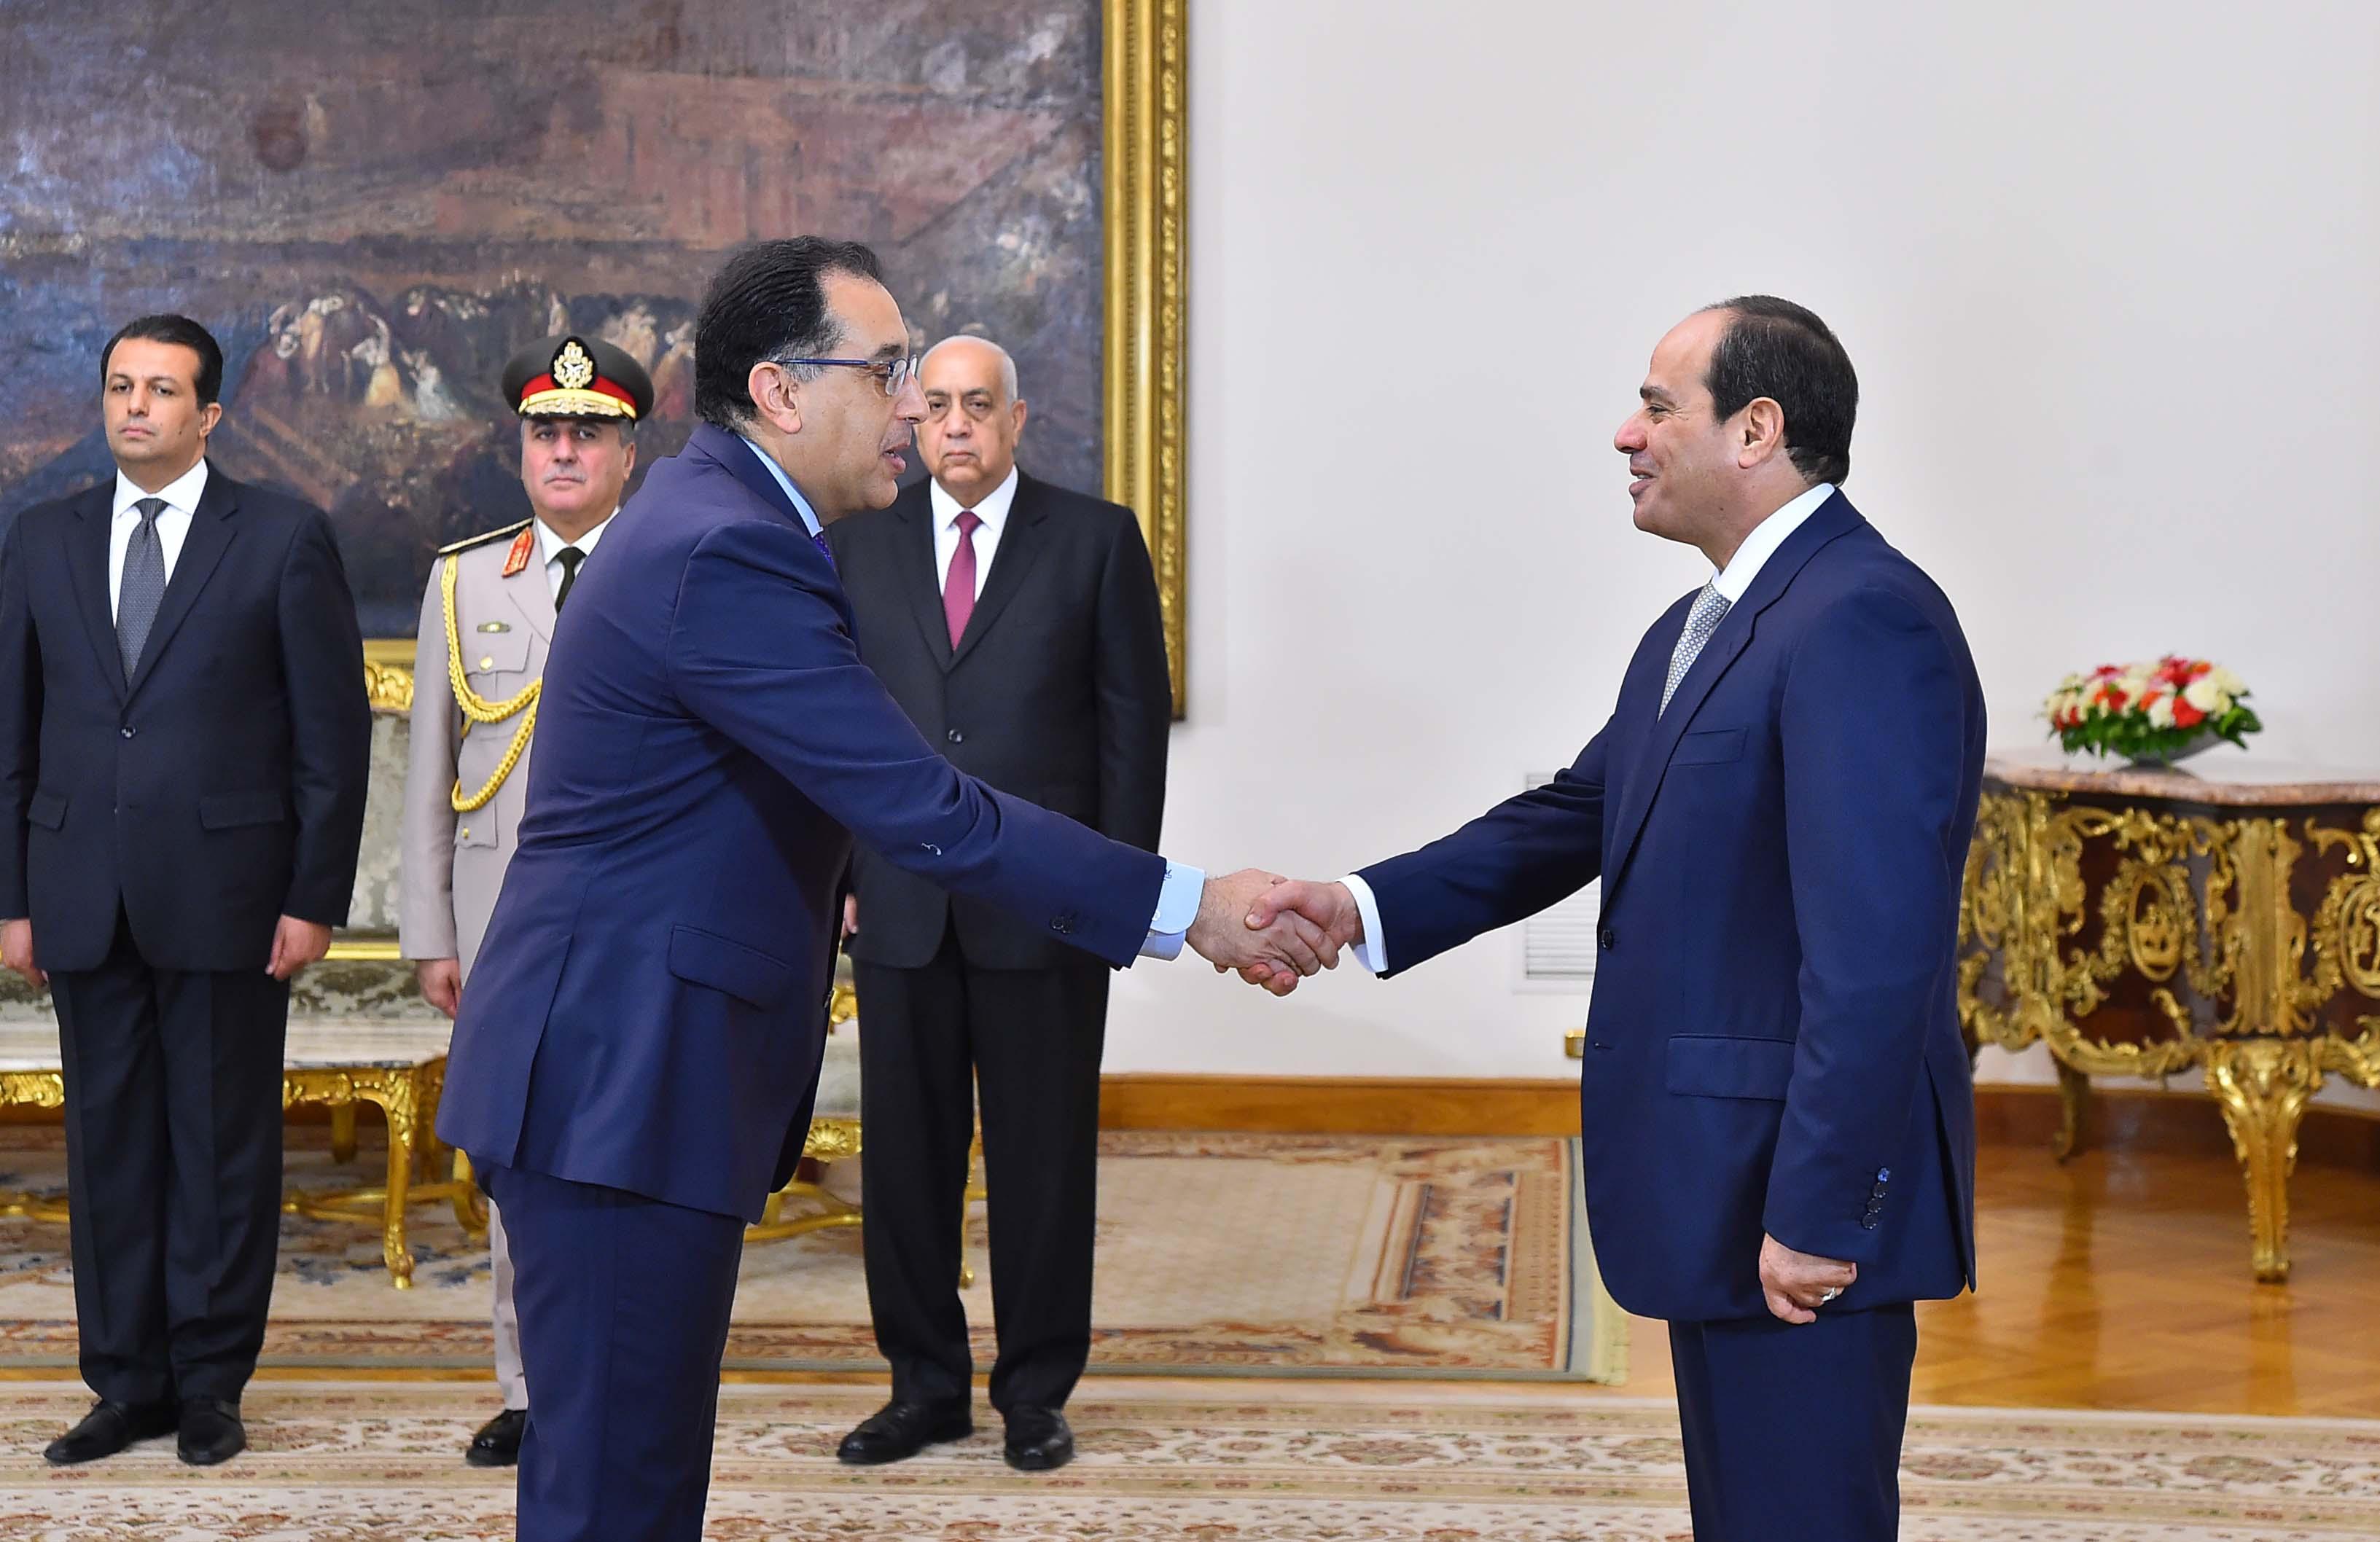 صور الحكومة الجديدة (2)